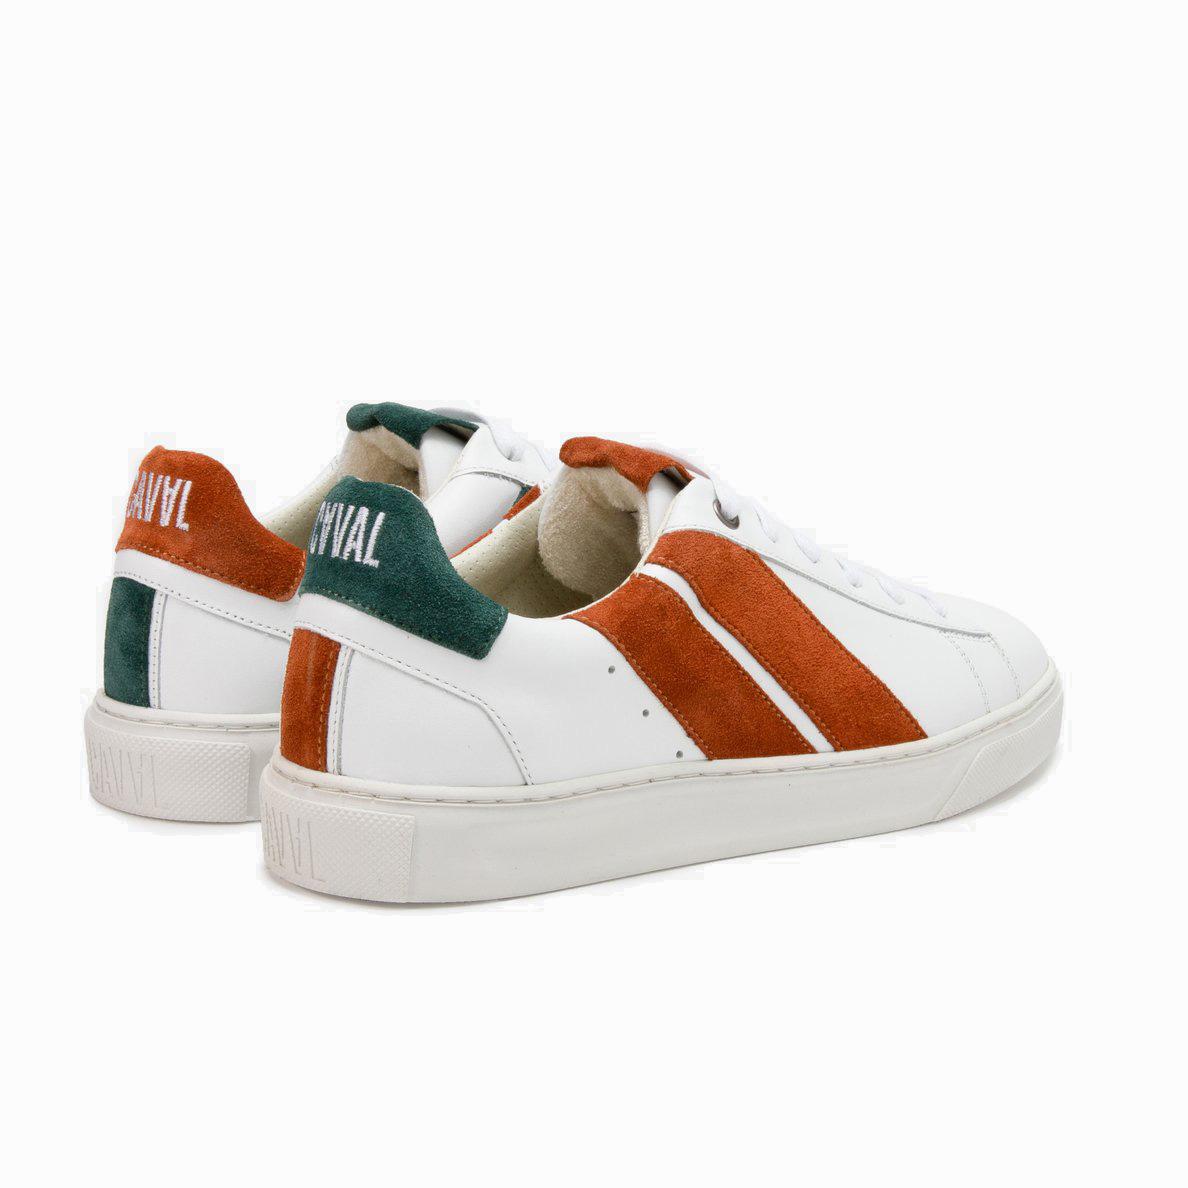 Caval Sneakers groen